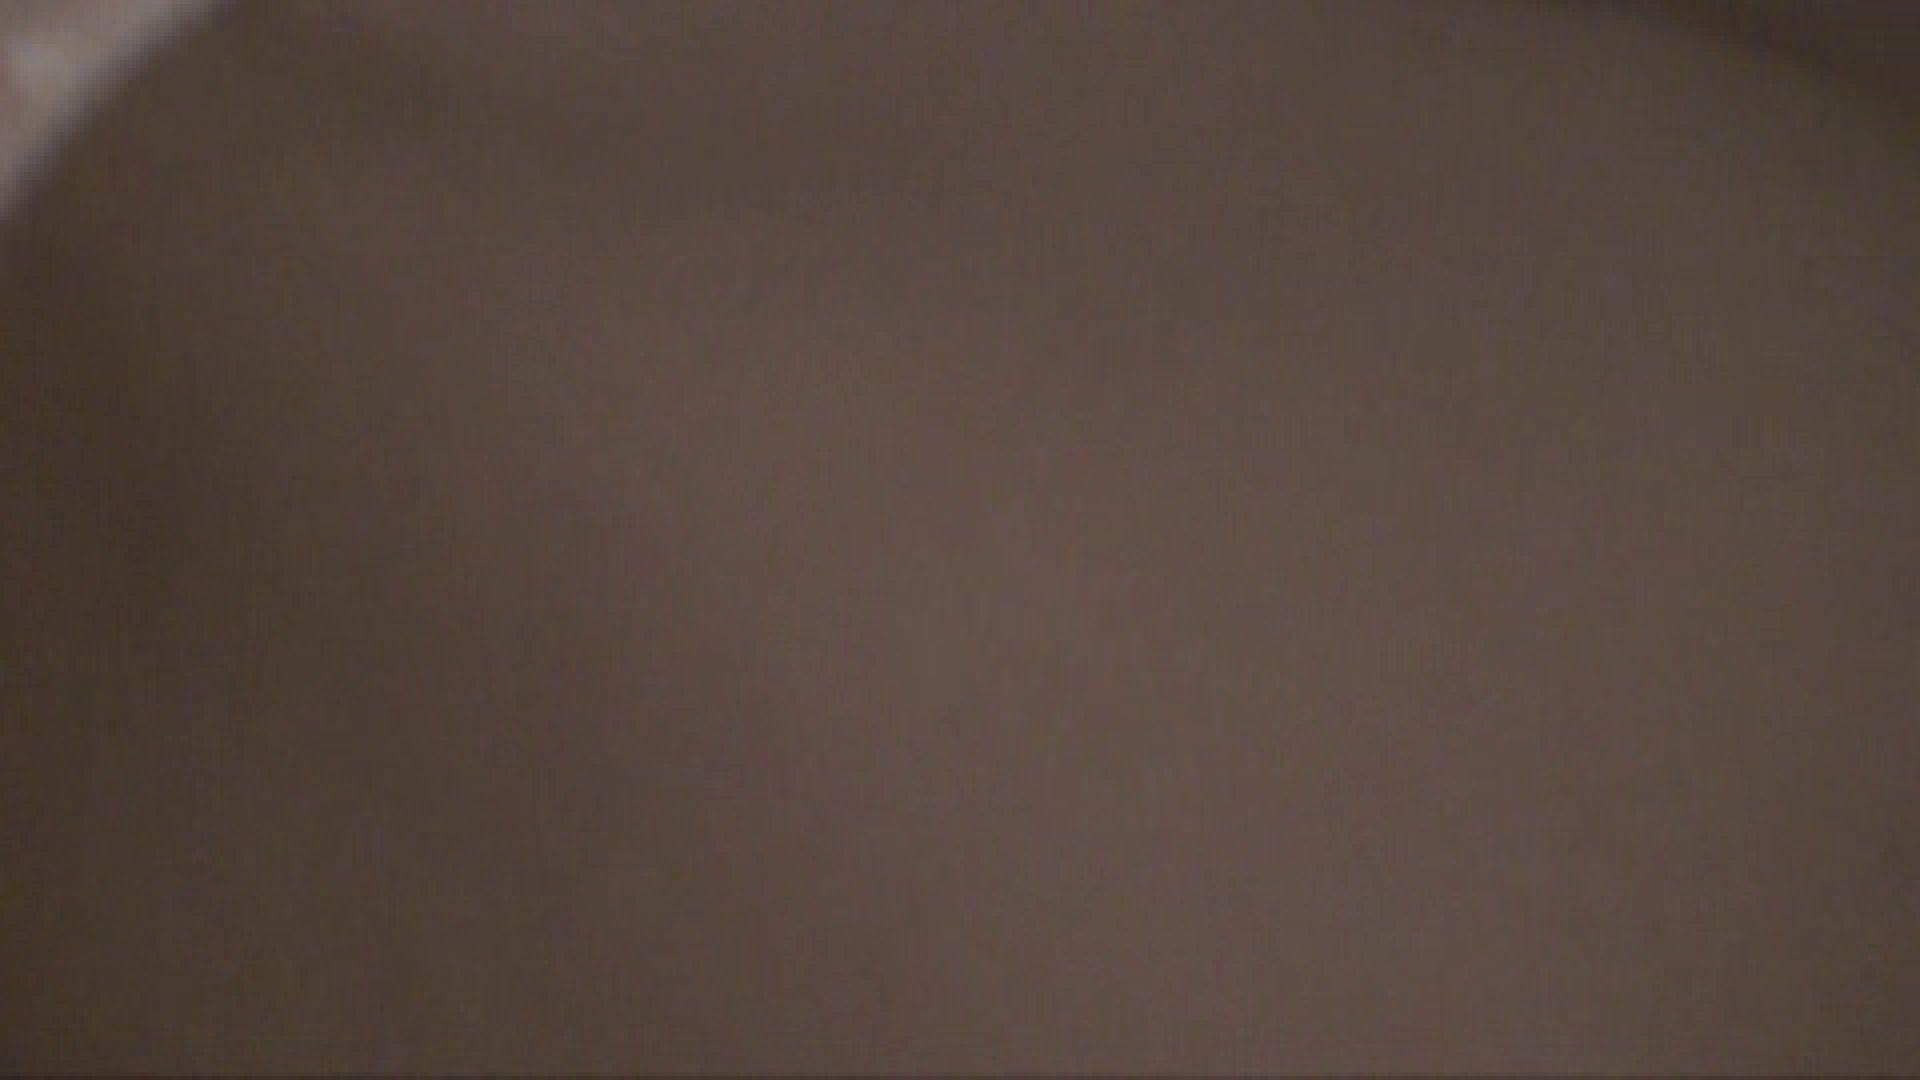 独占配信! ●罪証拠DVD 起きません! vol.15 エッチ 盗み撮りSEX無修正画像 70画像 34